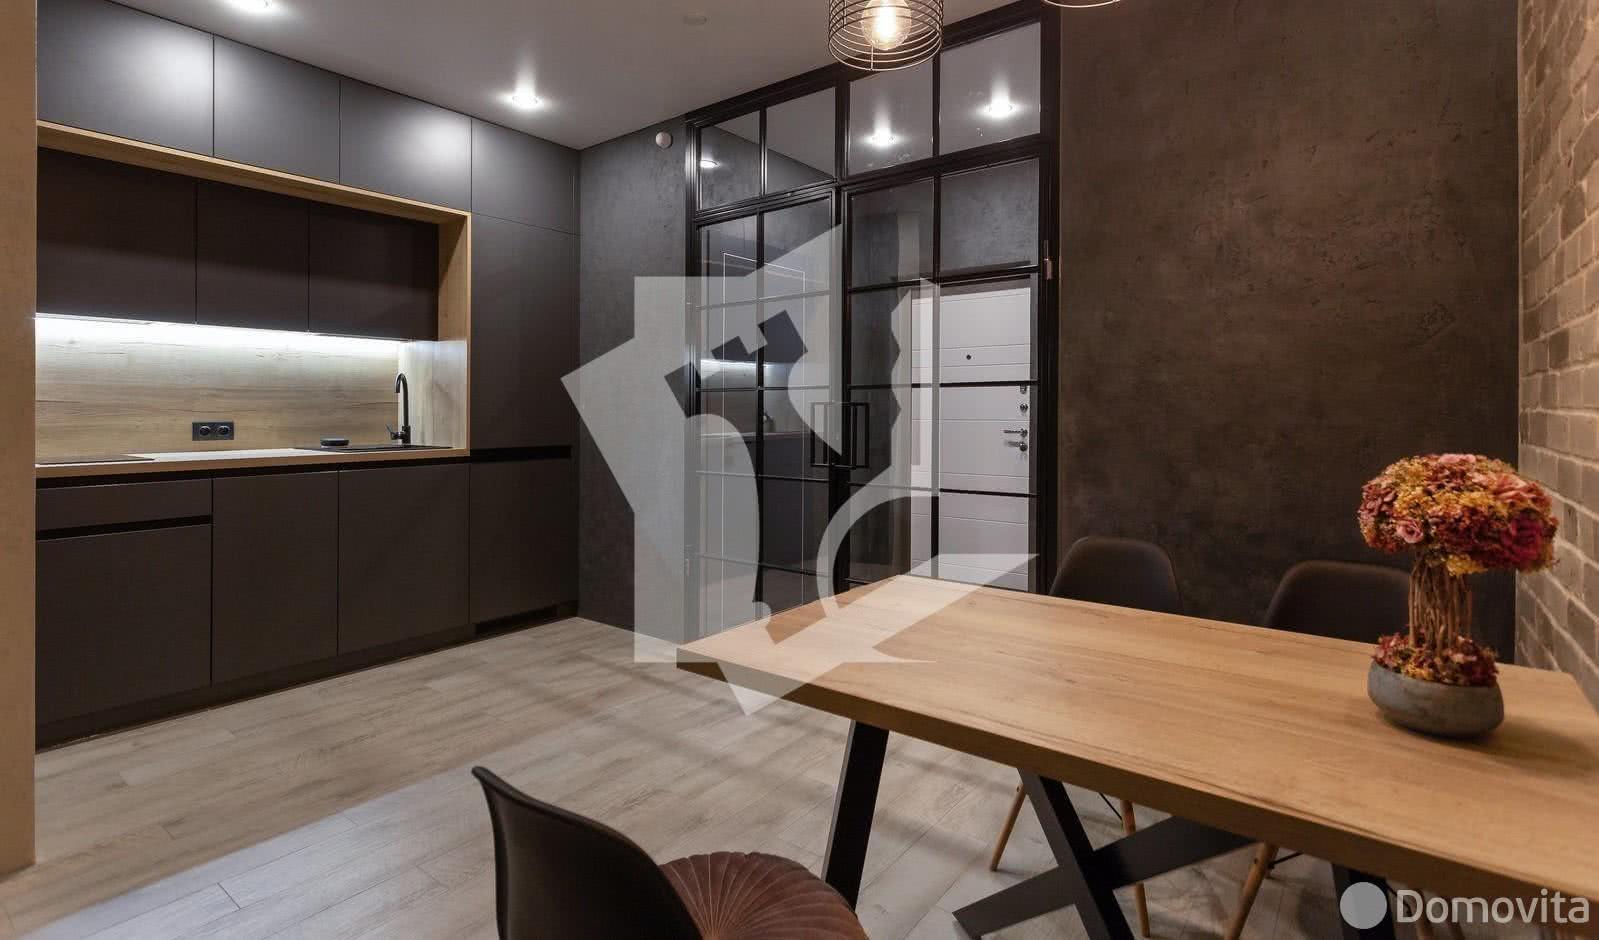 Снять 2-комнатную квартиру в Минске, ул. Тимирязева, д. 10 - фото 6